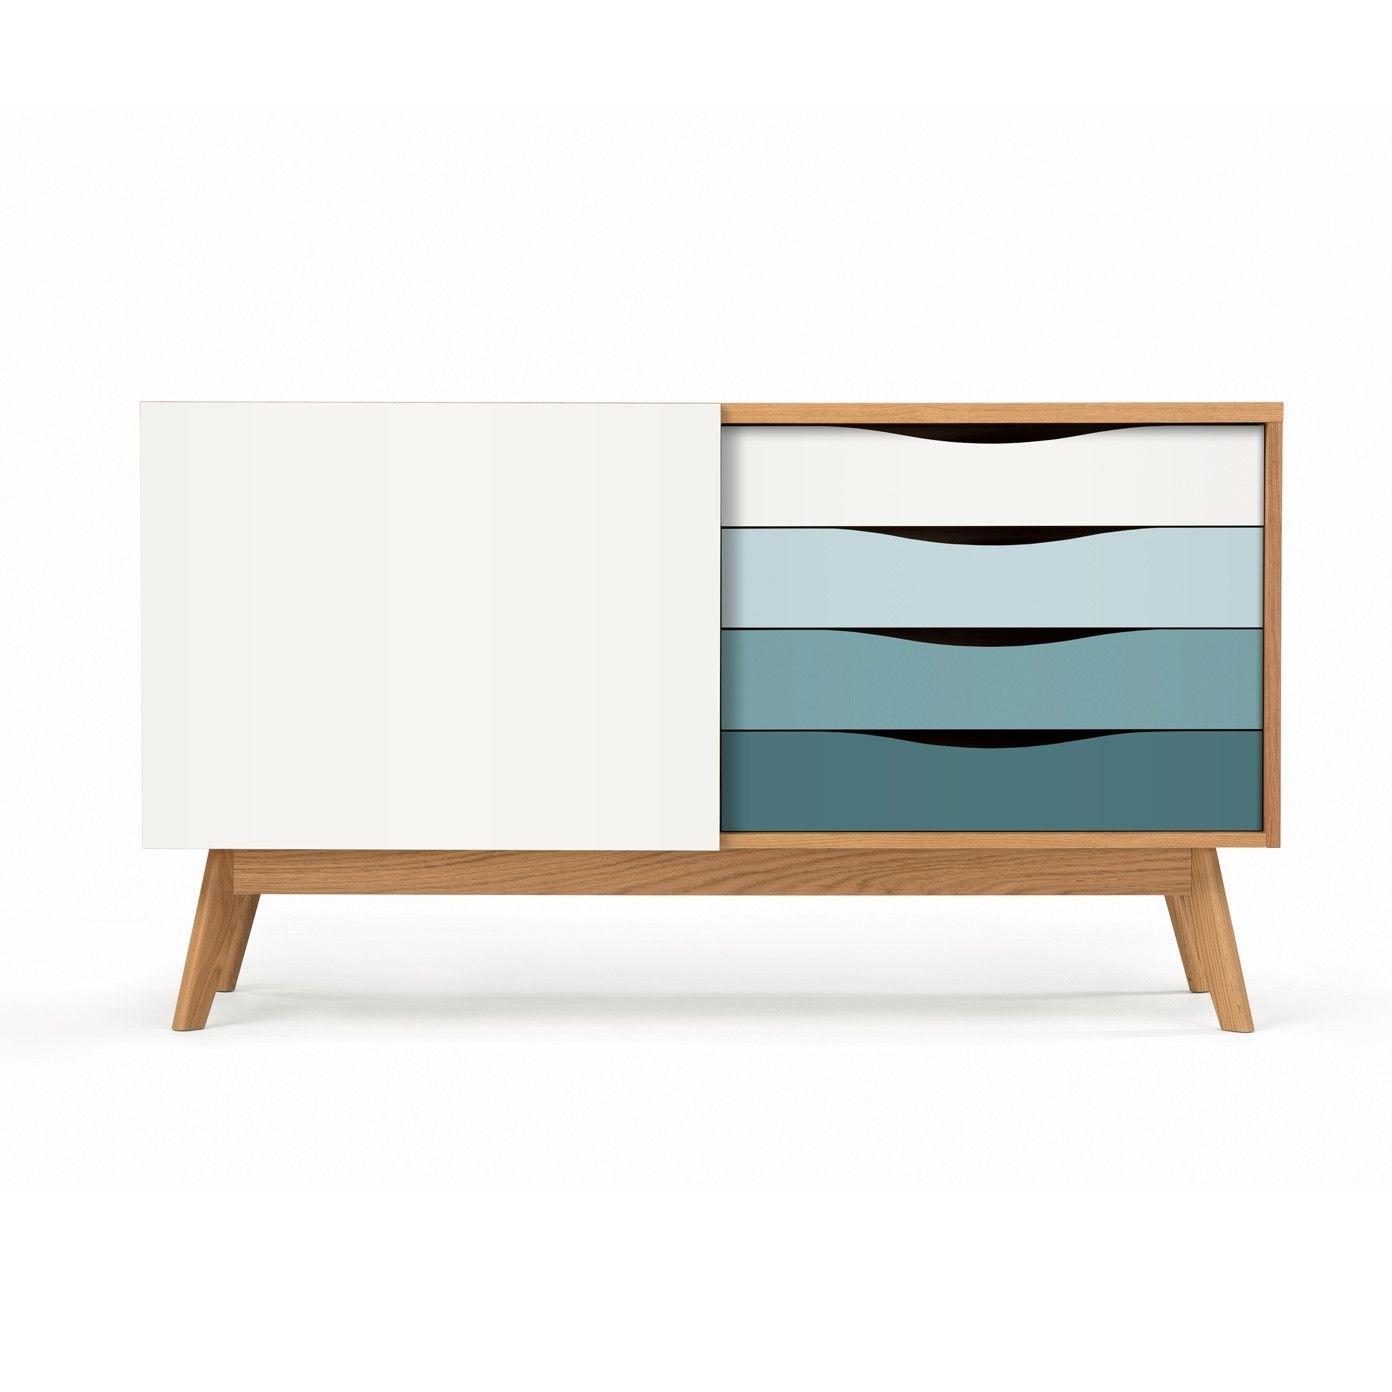 Møbla | Sideboard Avonwoodman – Møbla | Designer-Möbel throughout Corrugated Natural 4-Drawer Sideboards (Image 23 of 30)